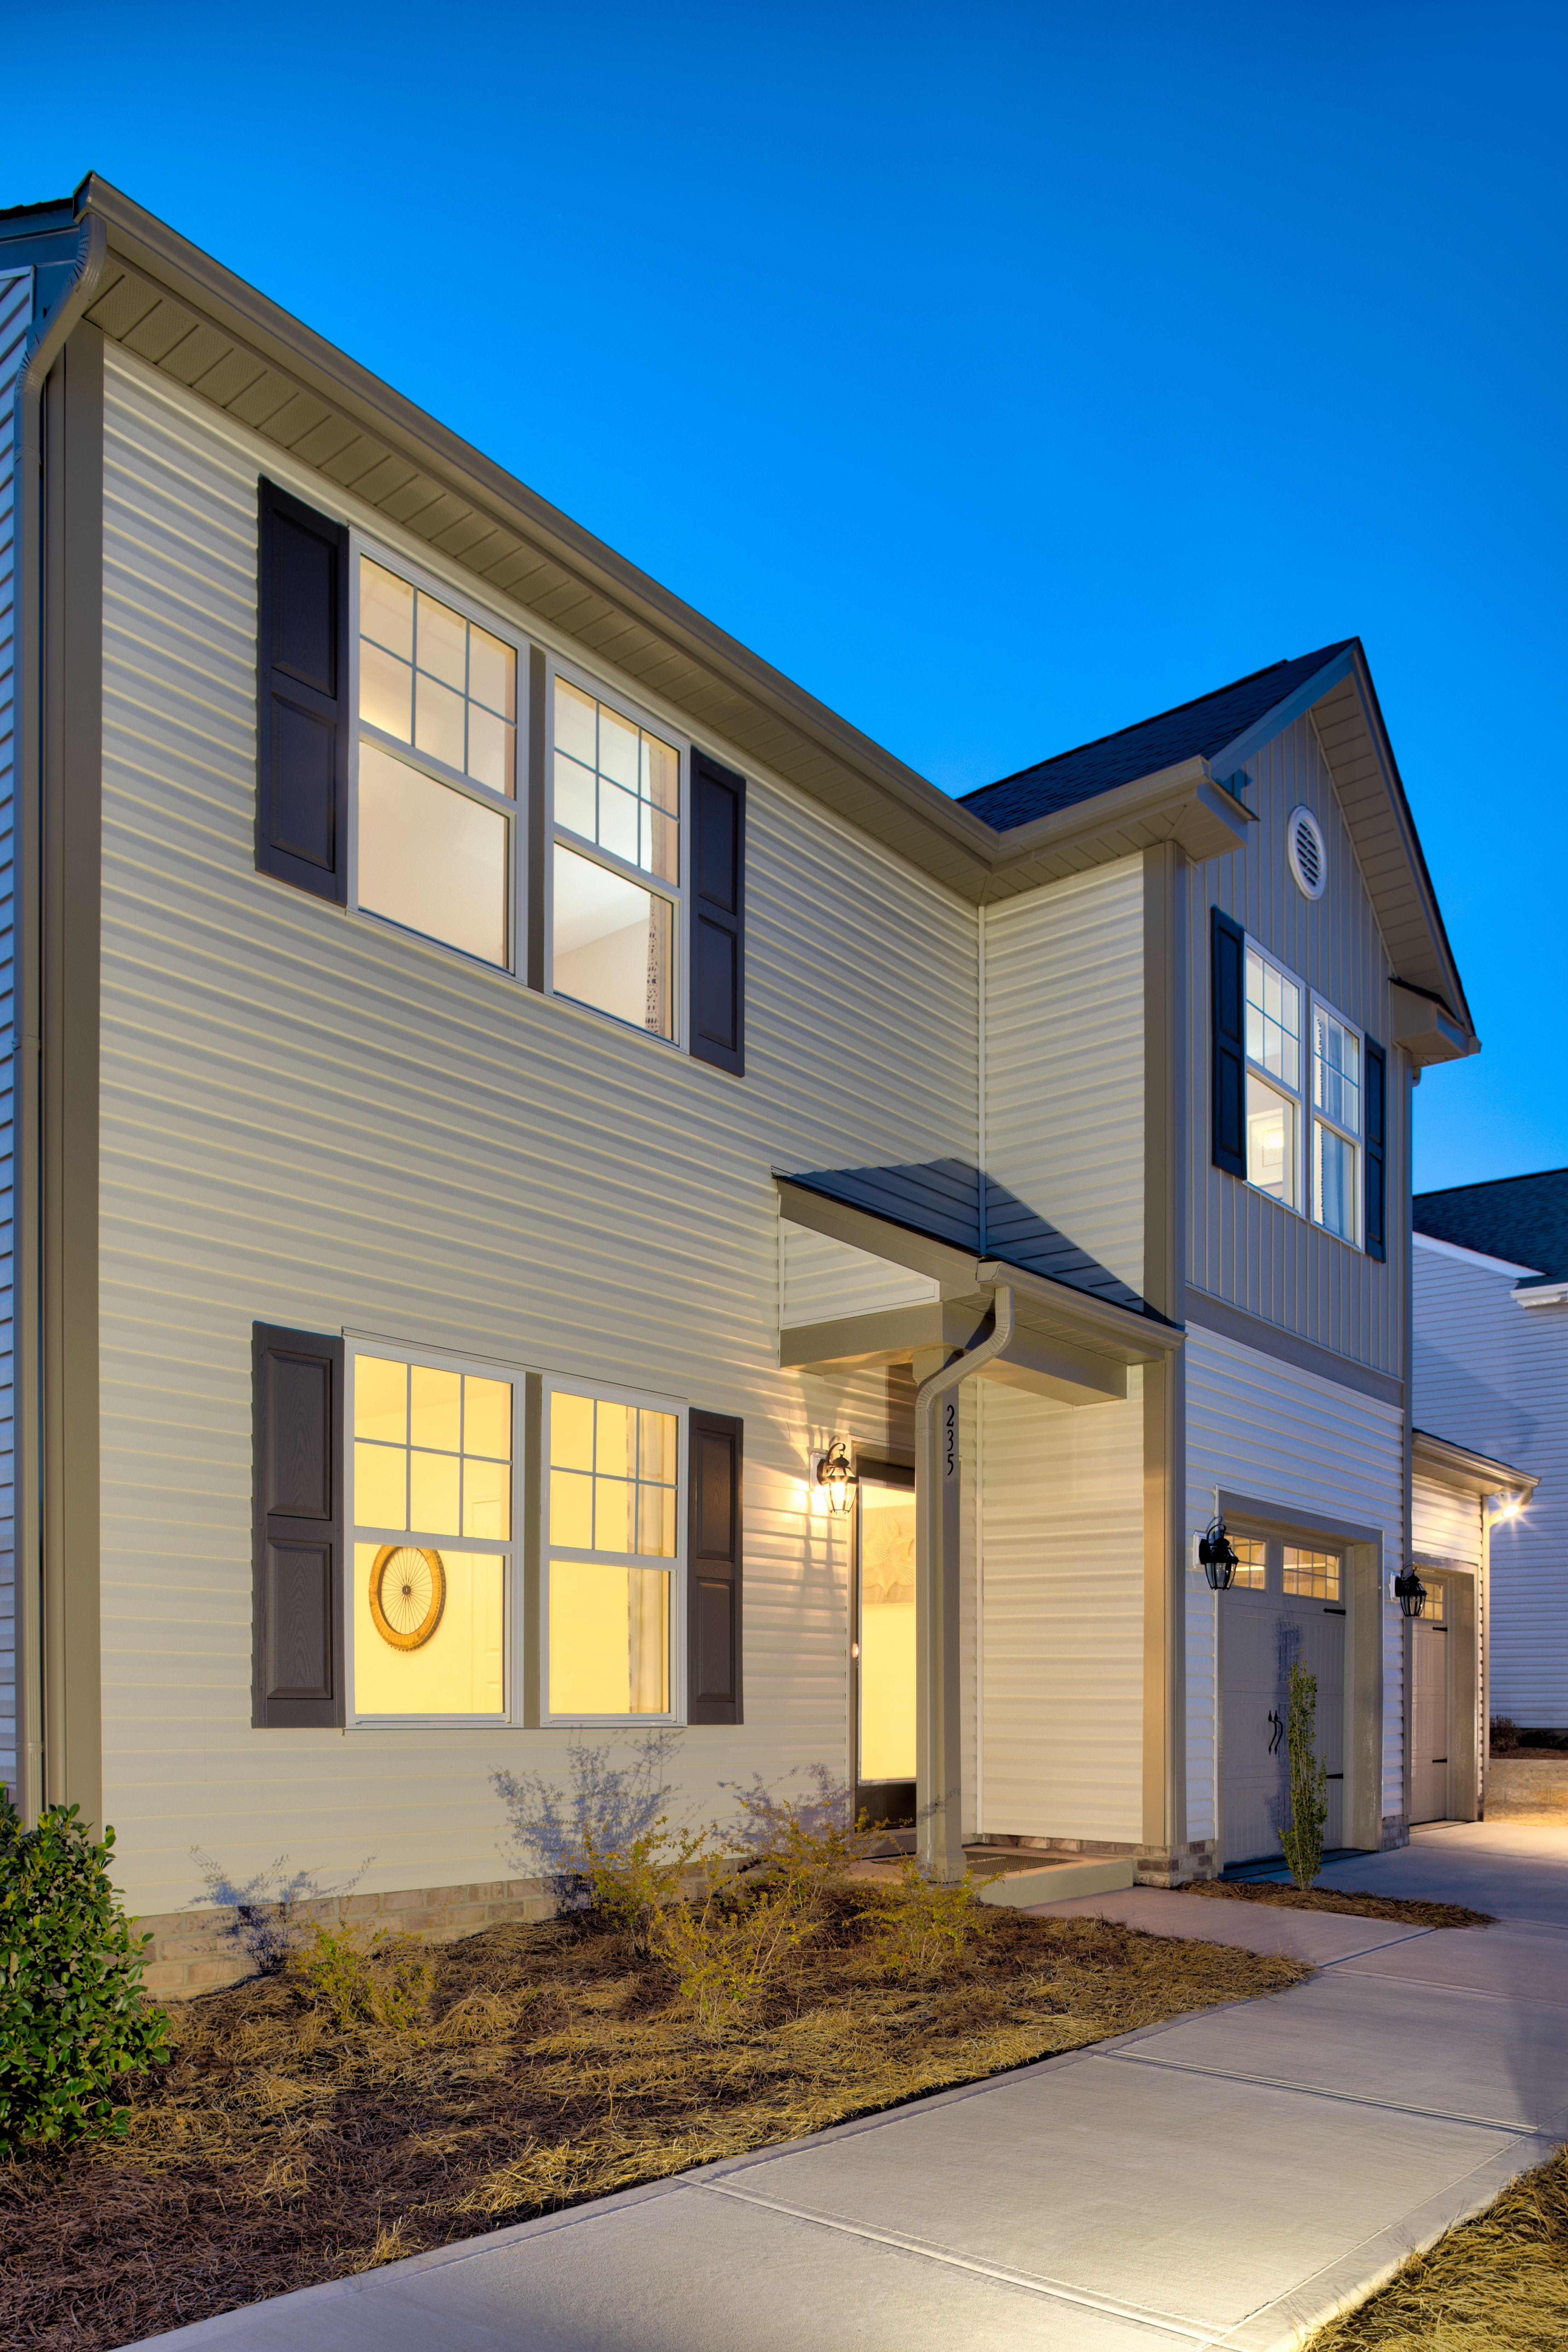 The Hudson 2008 Exterior Traditional Exterior Model Homes True Homes